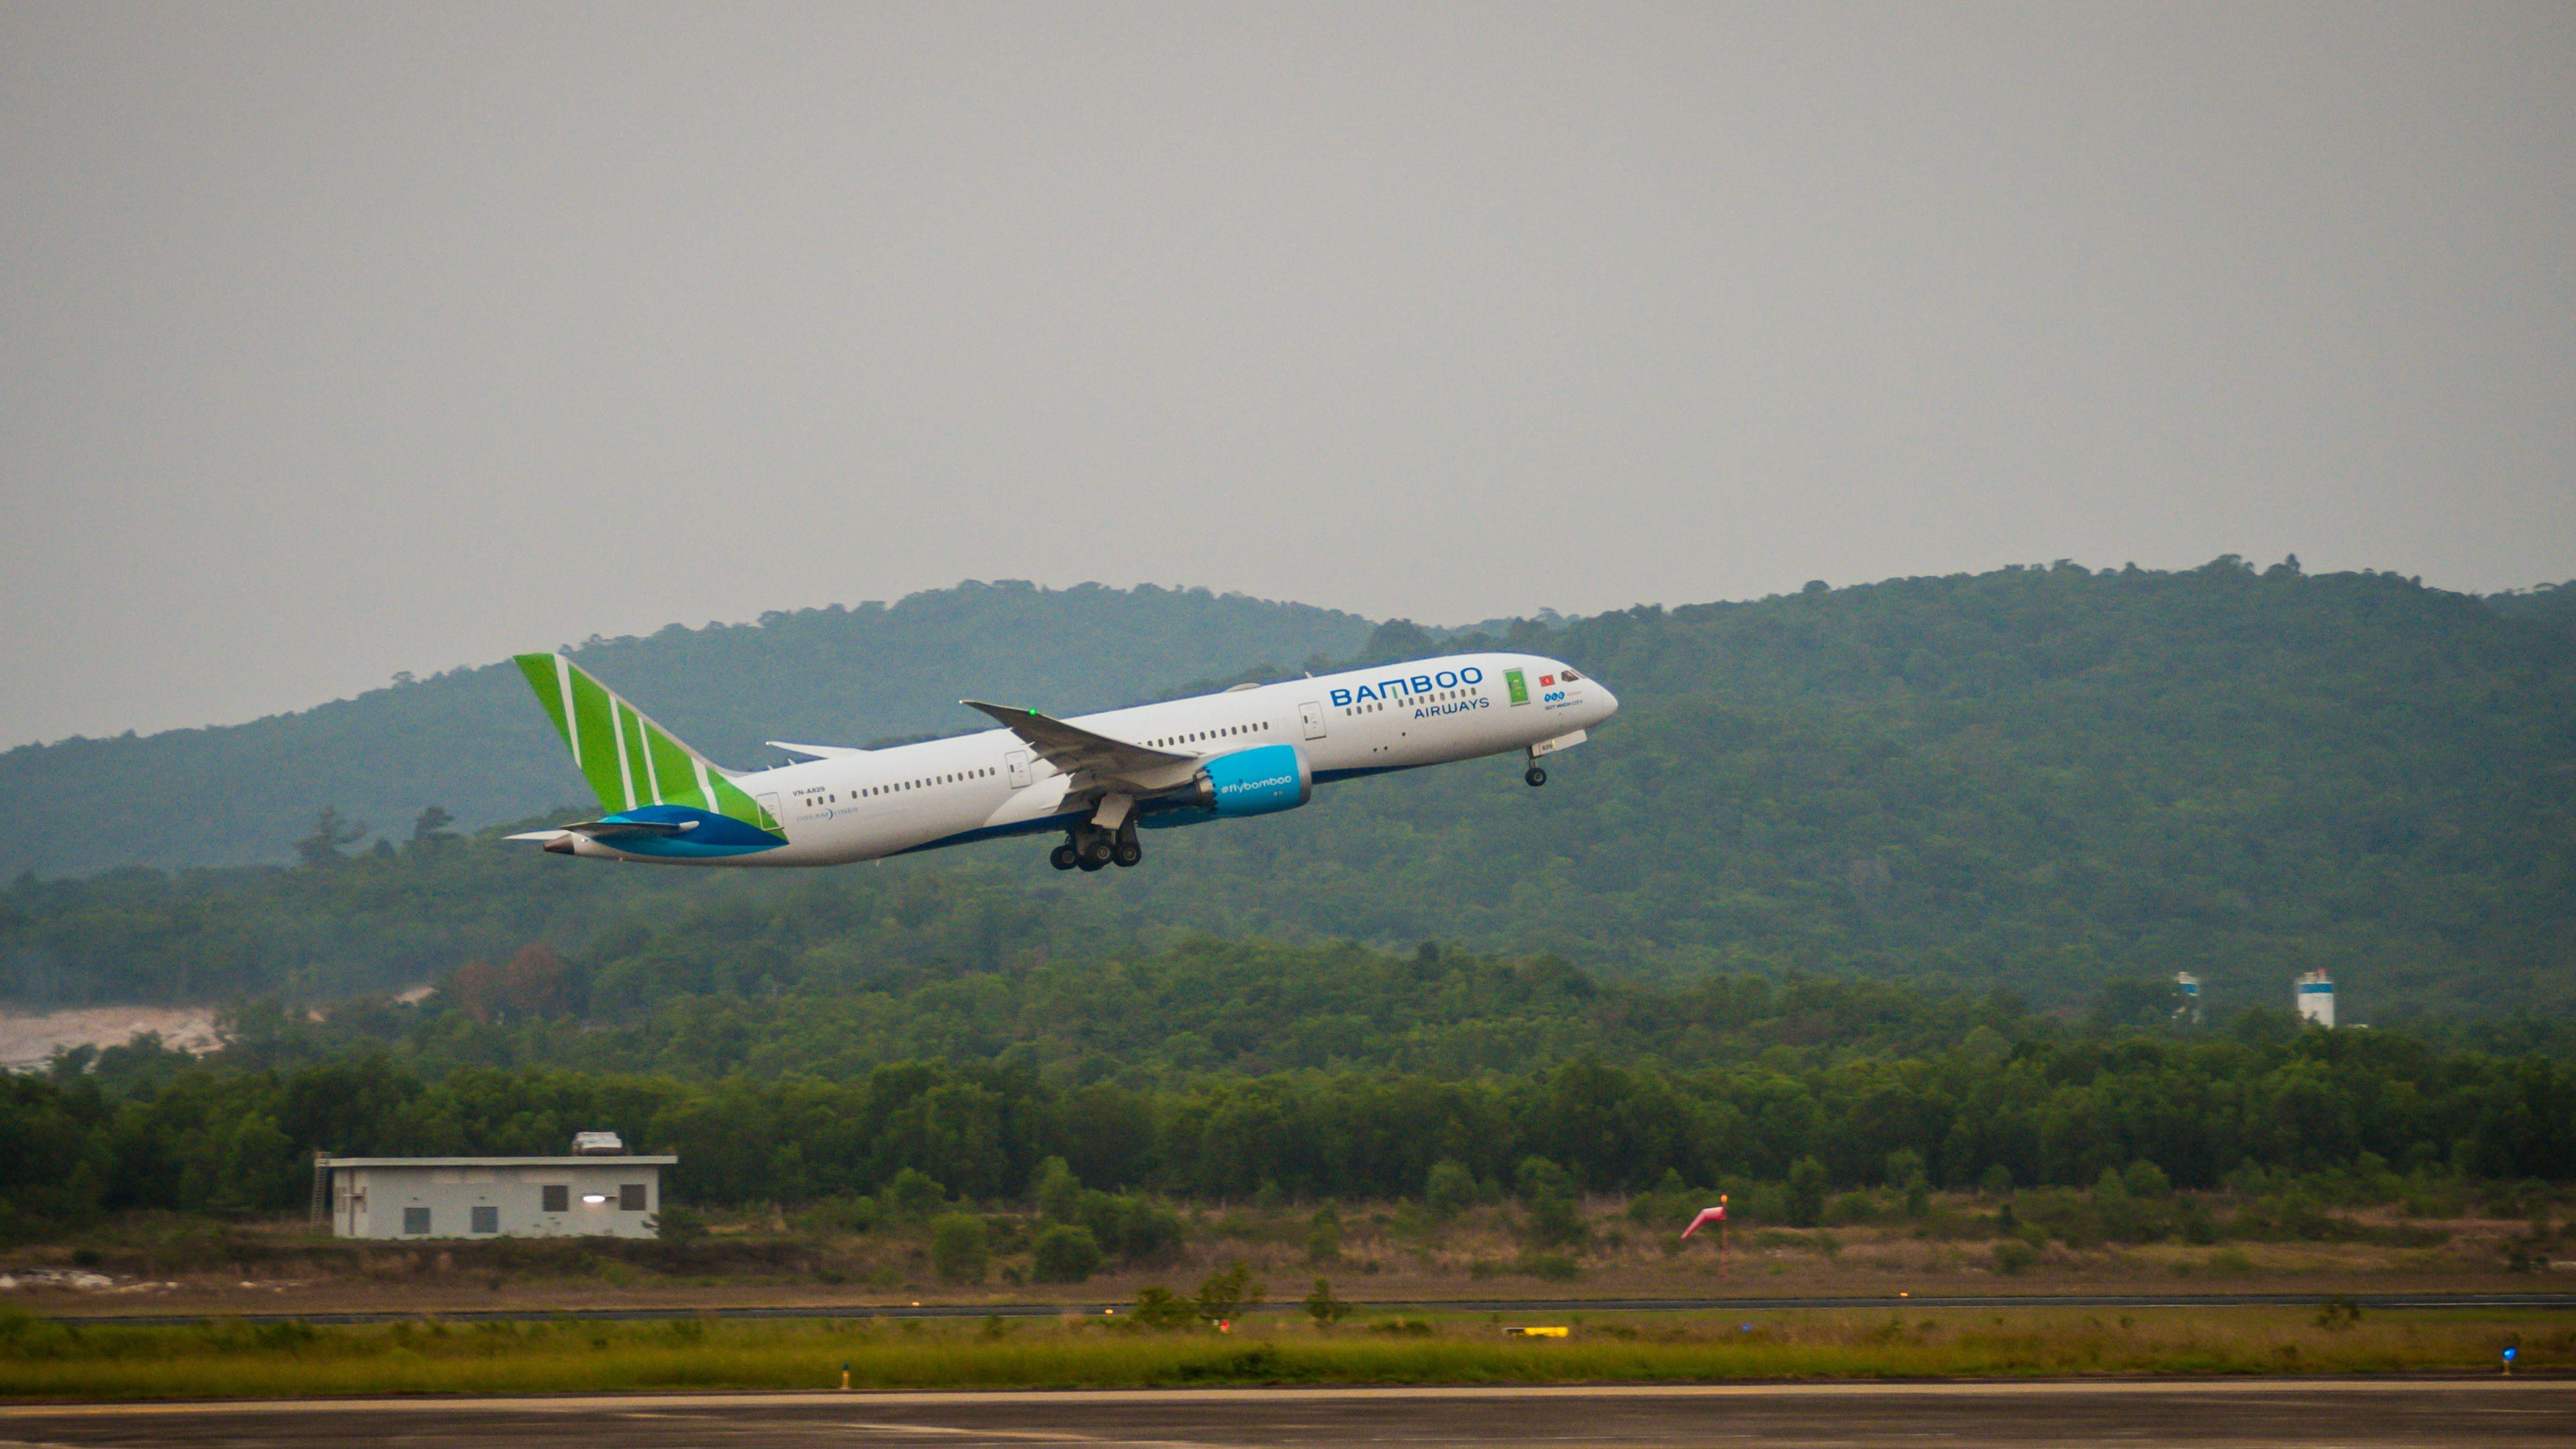 Doanh nghiệp Việt – Mỹ bắt tay nâng cấp hạ tầng hàng không, Bamboo Airways chuẩn bị để bay thẳng từ quý 3